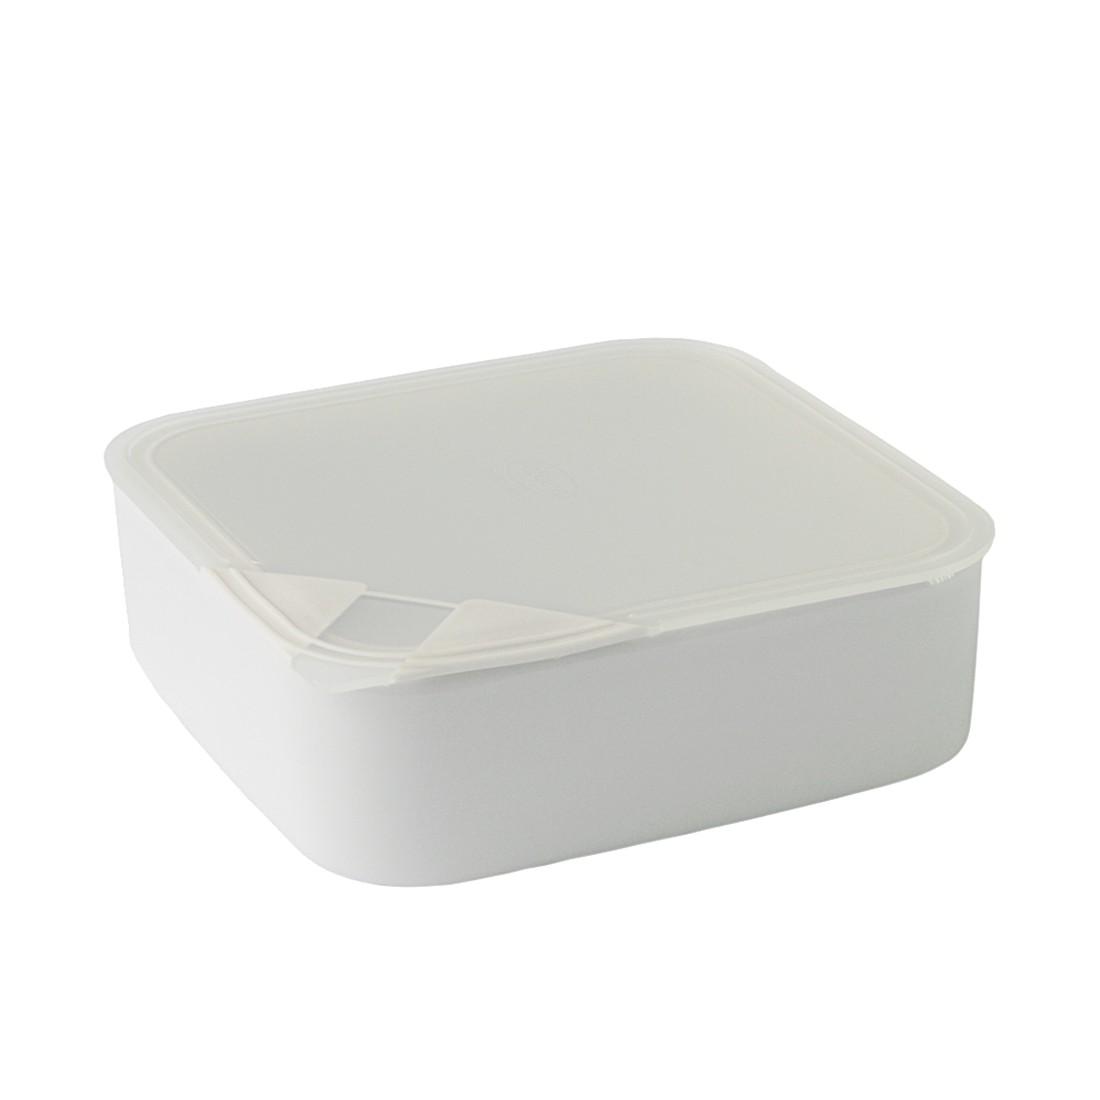 Frischebox Küchenfreunde (18cm) – Transparent, Arzberg günstig